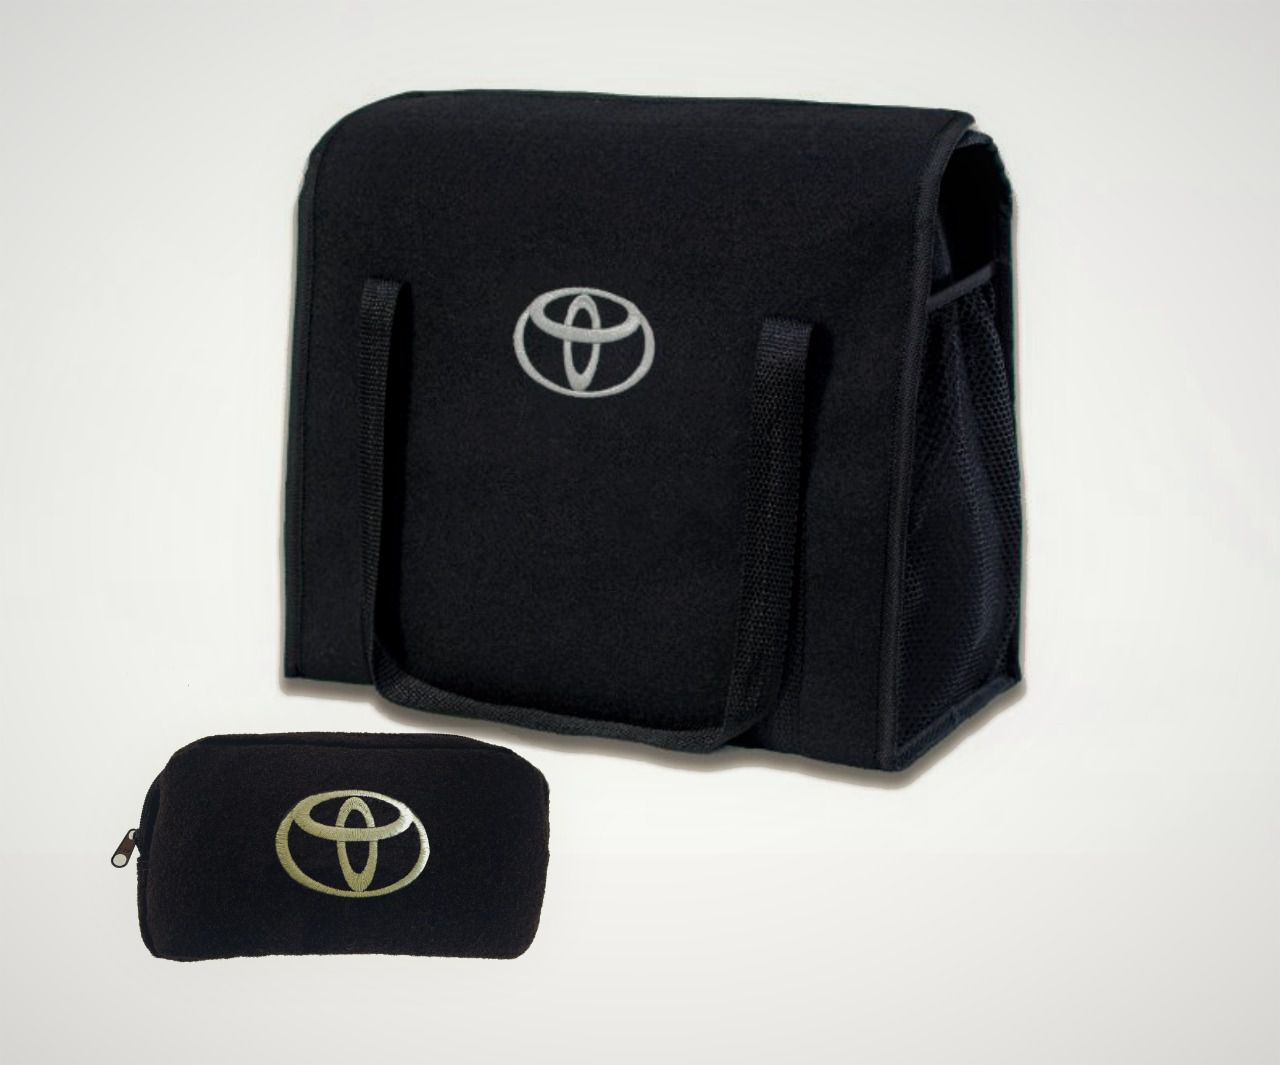 Kit Bolsa Organizadora Porta Malas e Necessaire Porta Luvas Toyota